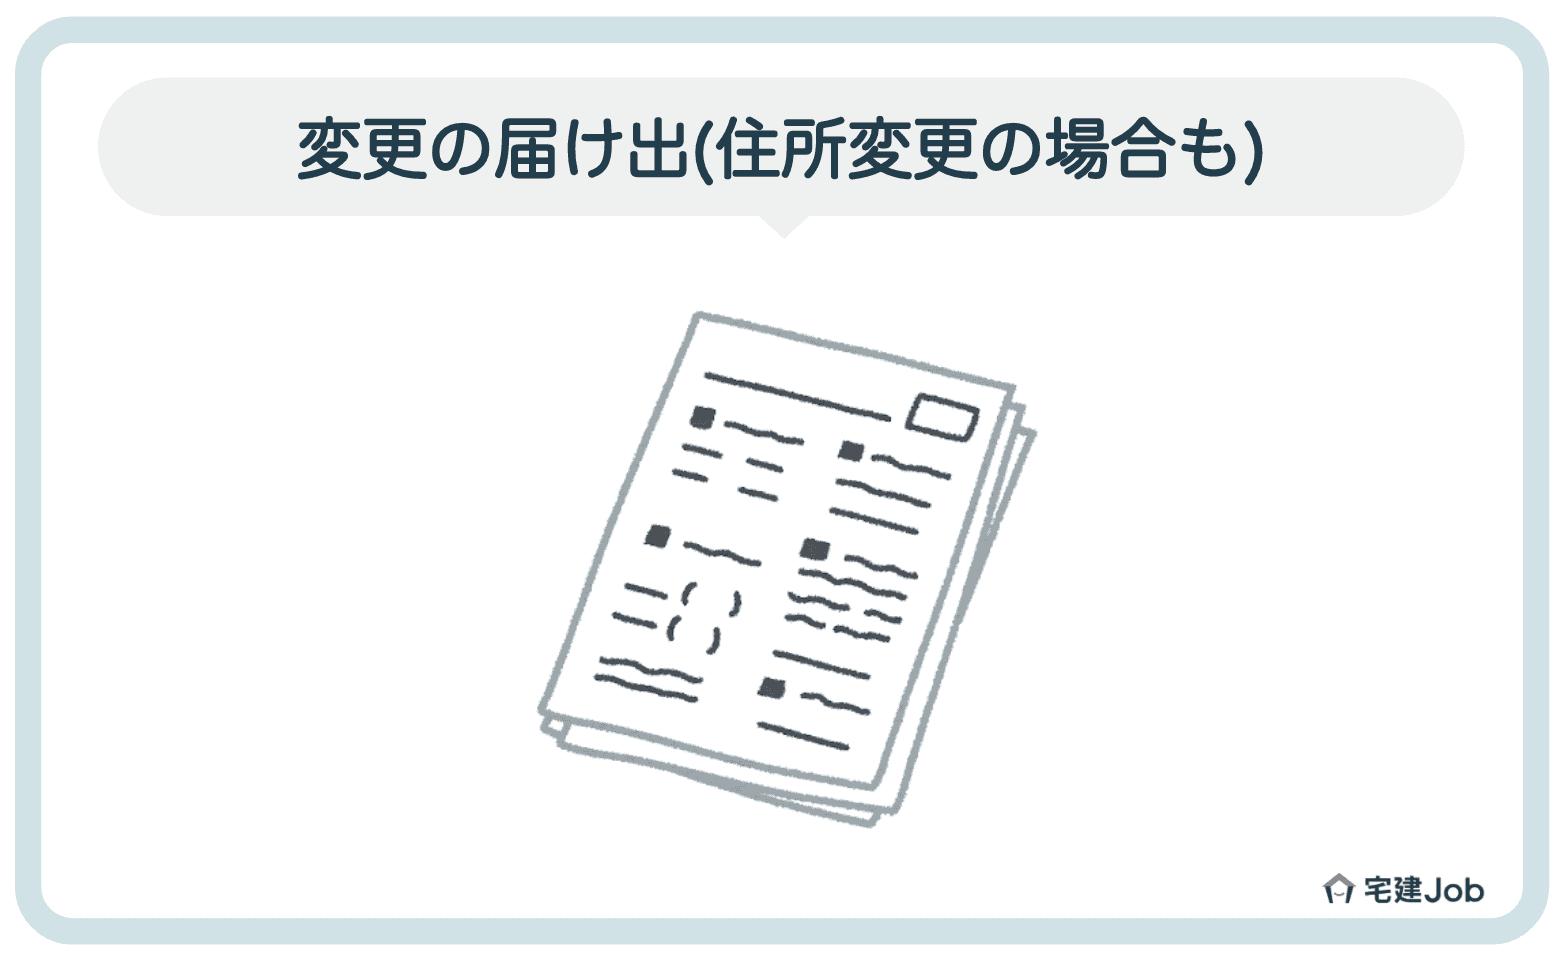 5.宅建免許の申請内容に関する変更の届け出(住所変更の場合も)